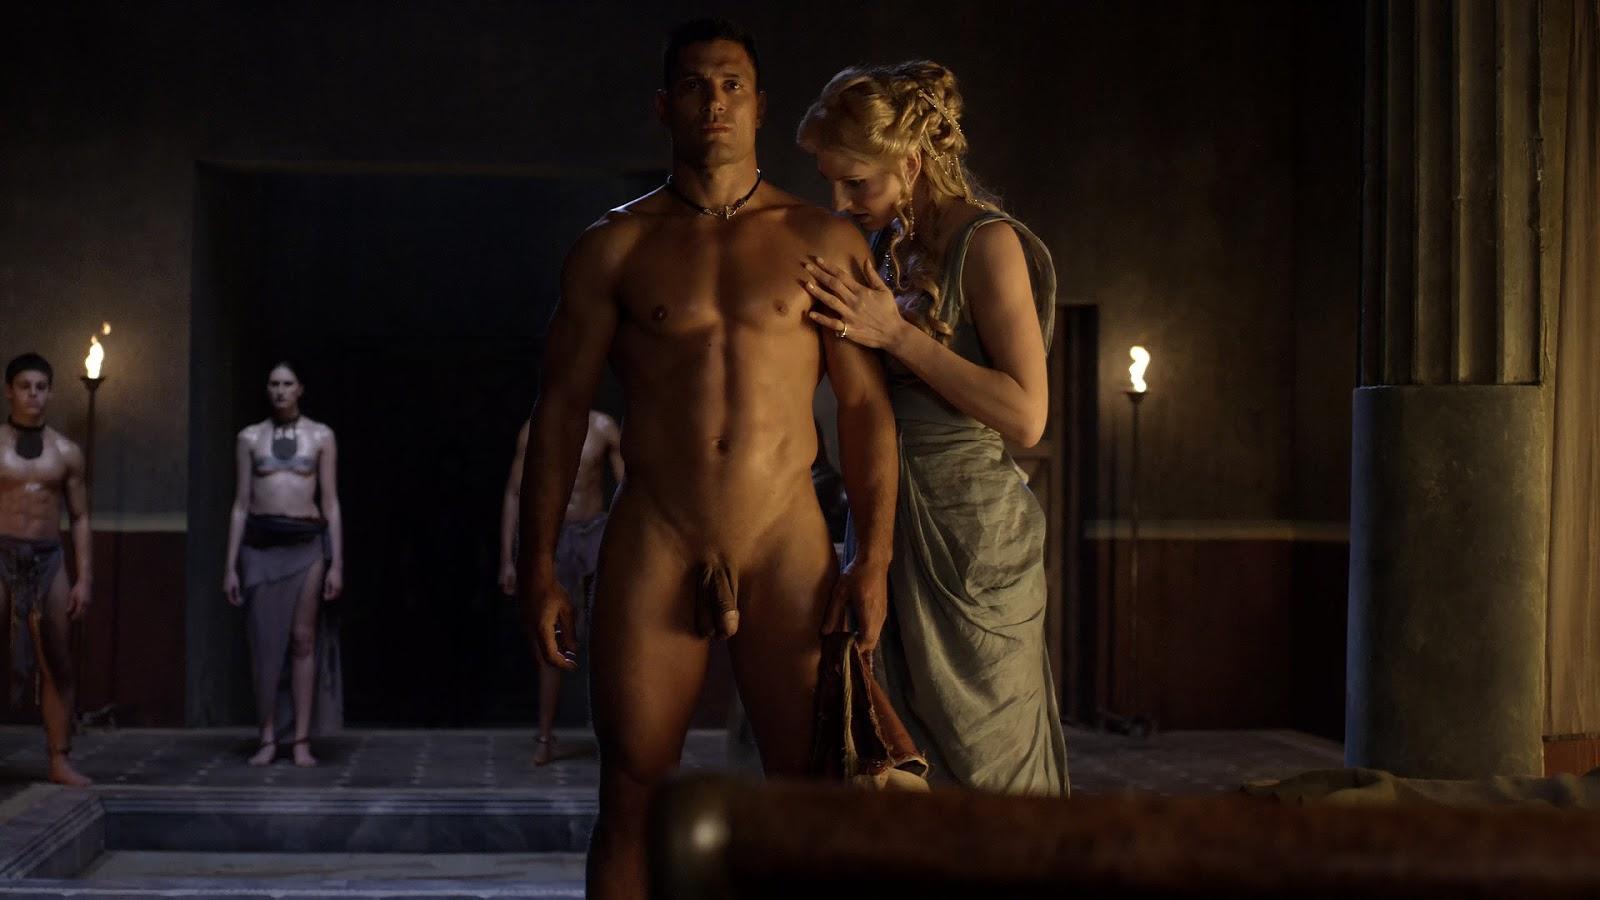 Nude tv scenes with men